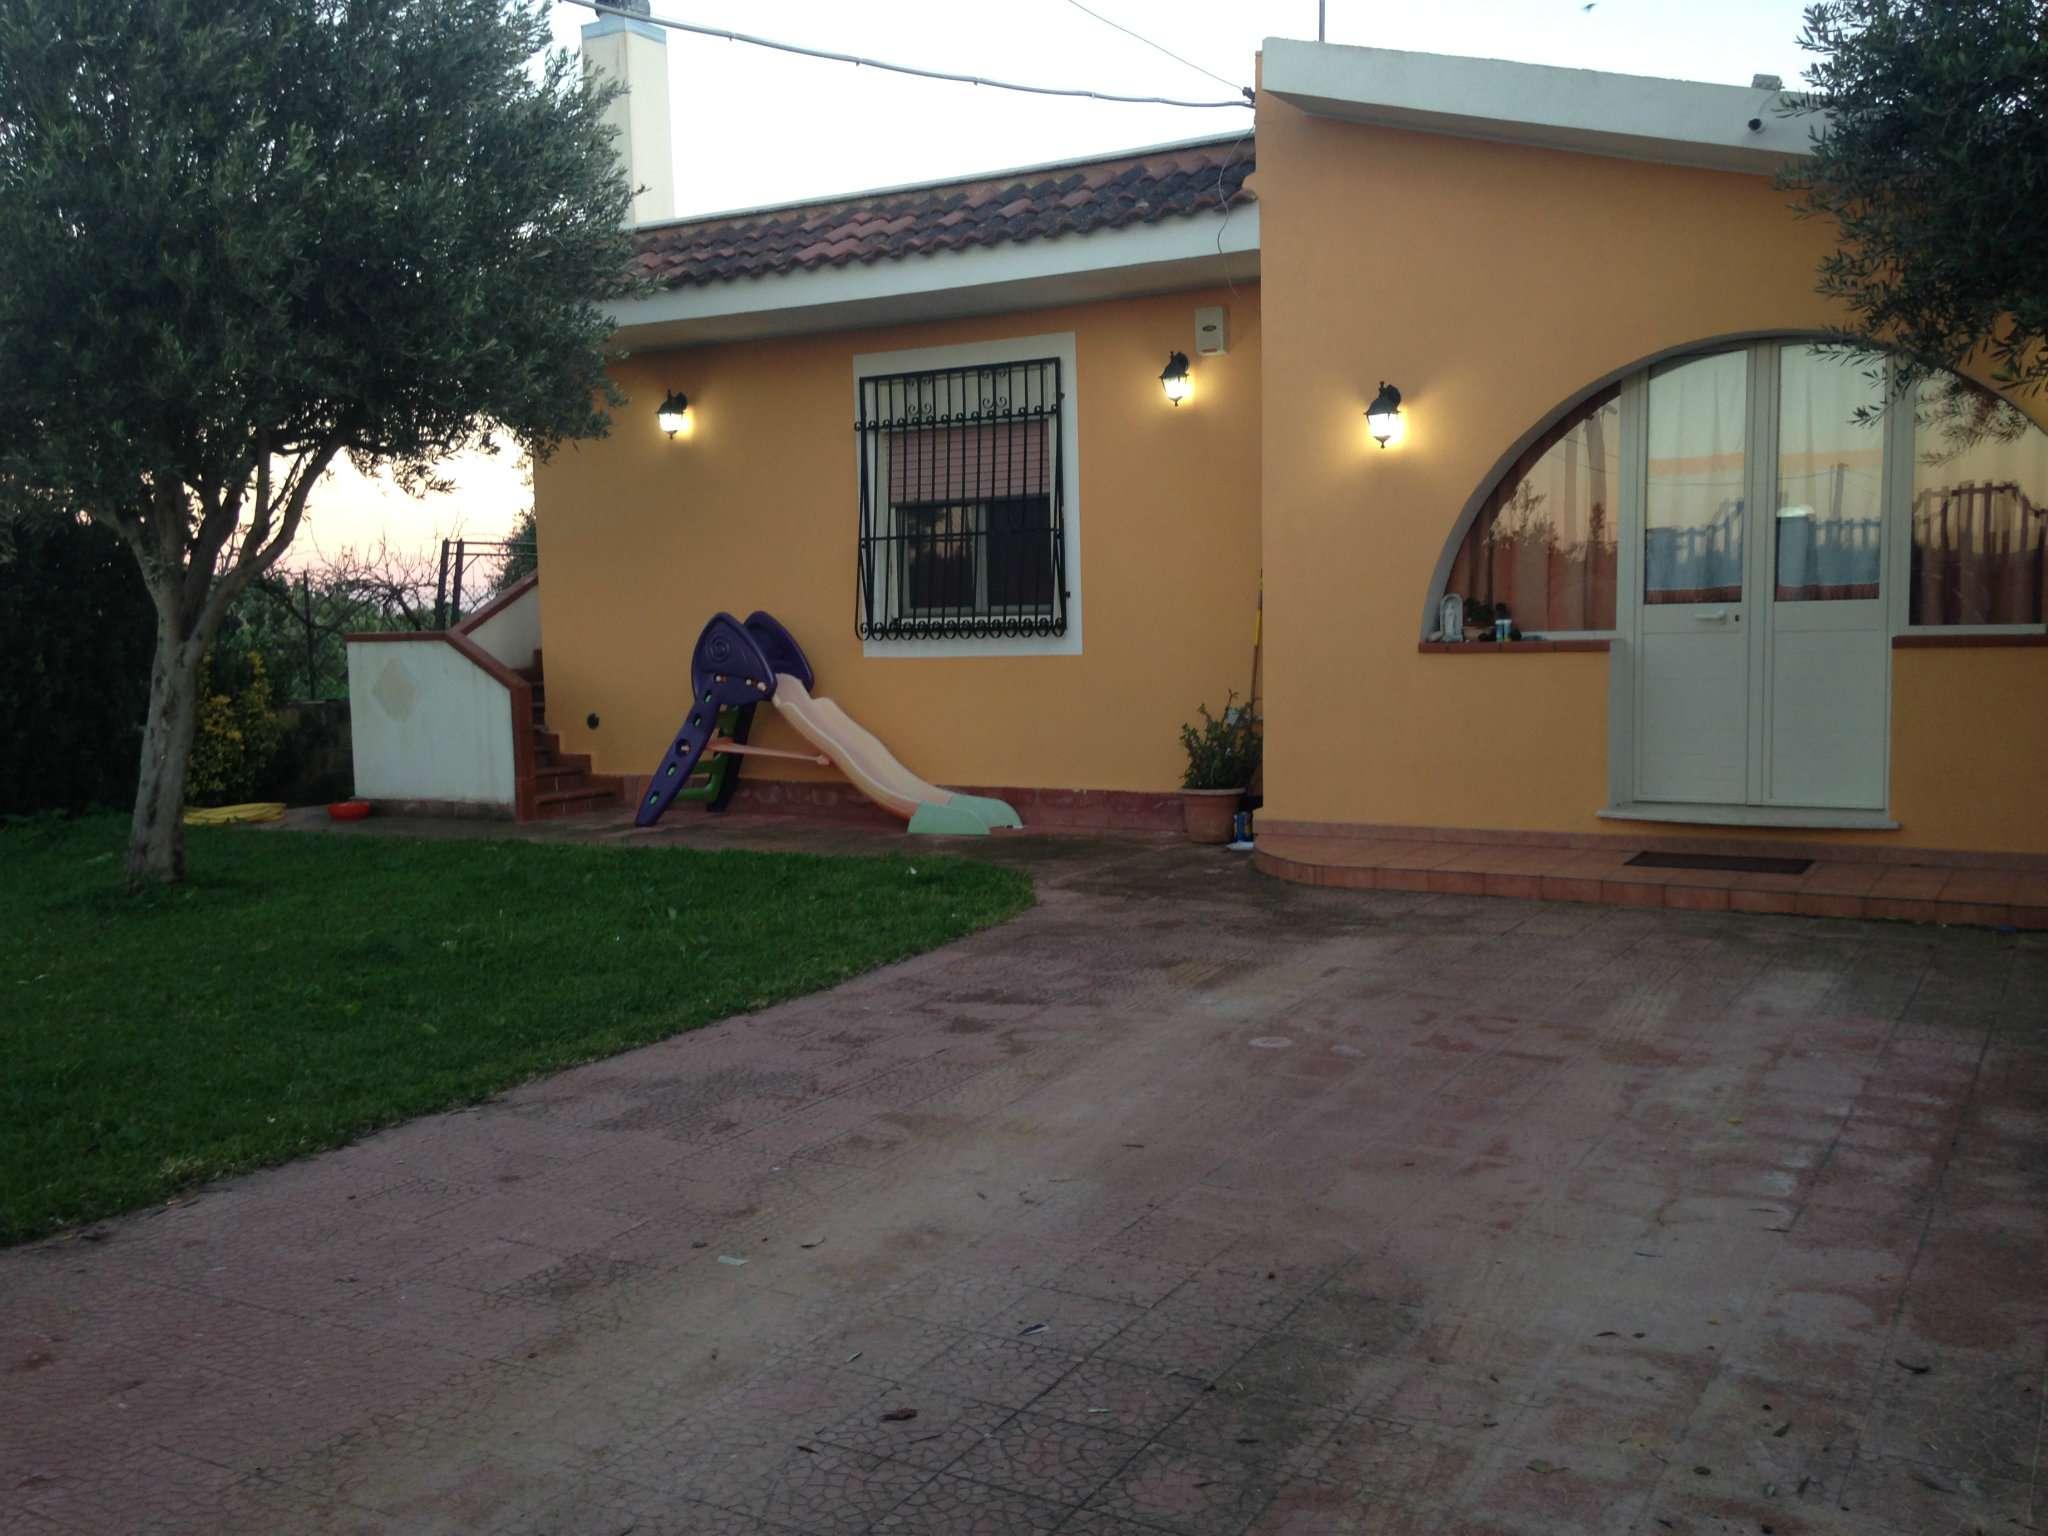 Villa in affitto a Siracusa, 4 locali, prezzo € 500 | Cambio Casa.it